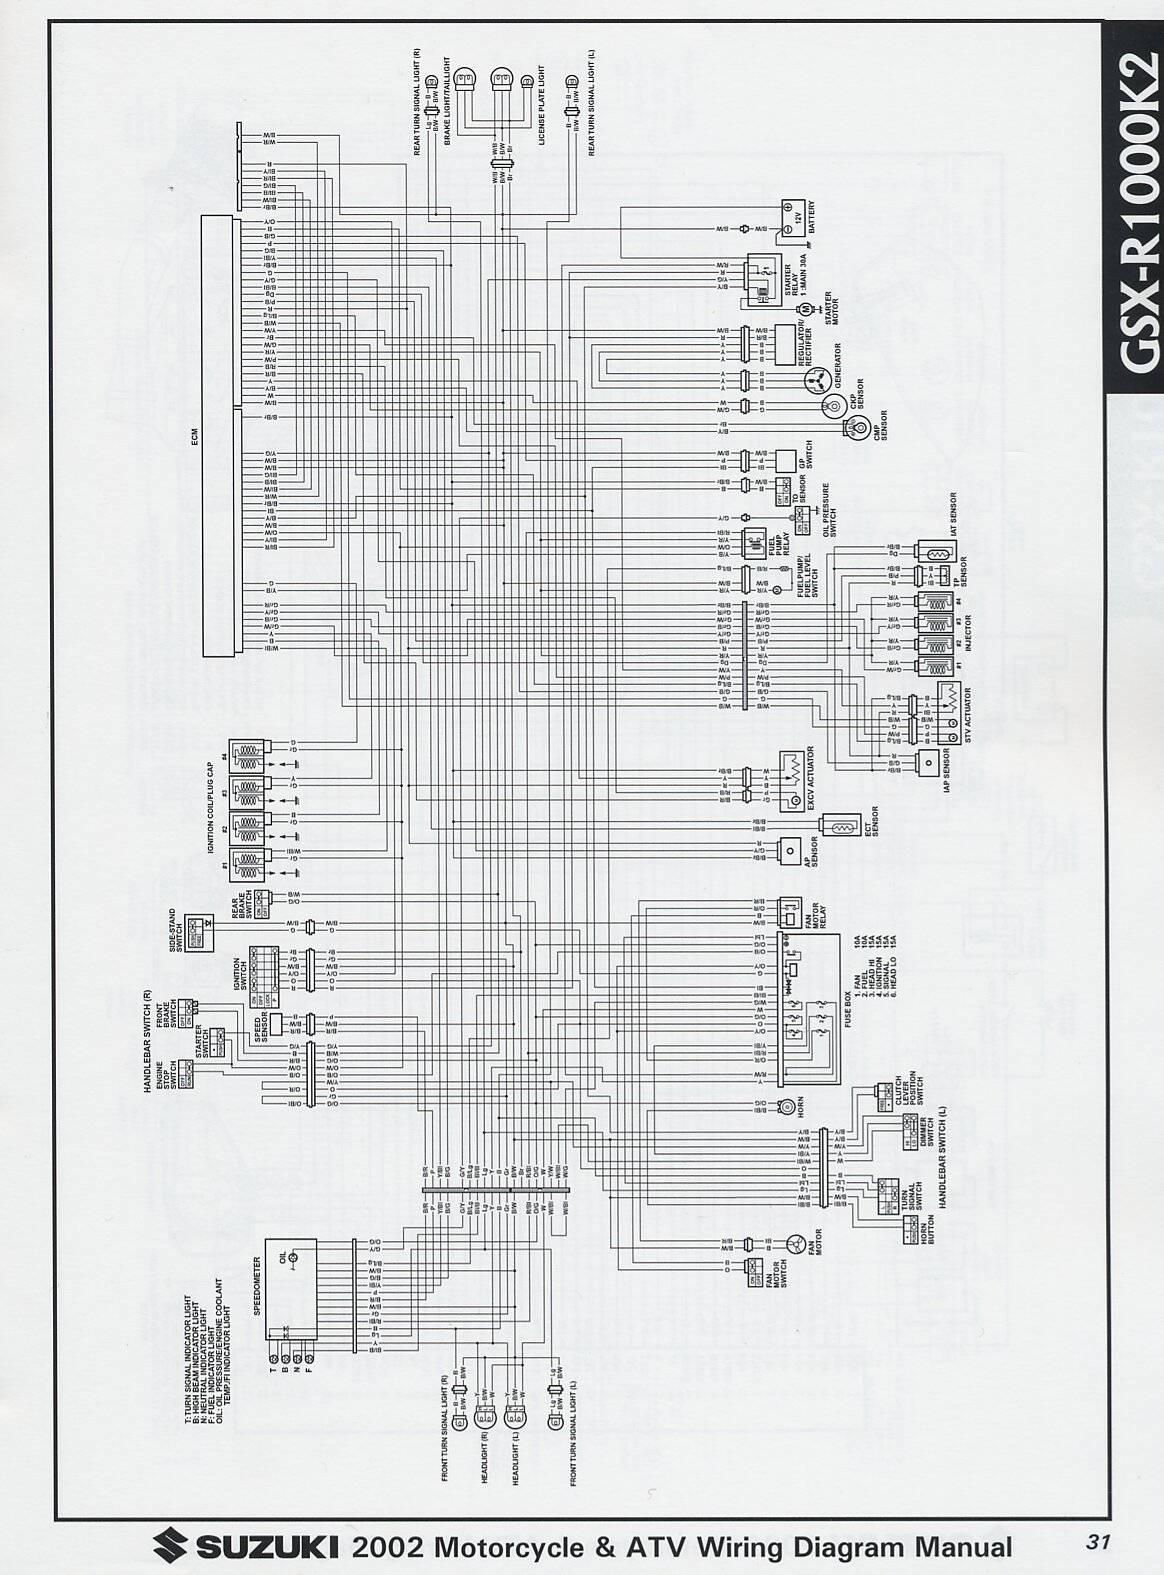 2008 Suzuki Gsxr 600 Wiring Diagram Starting Know About 2006 1000 Taillight Detailed Schematics Rh Drphilipharris Com